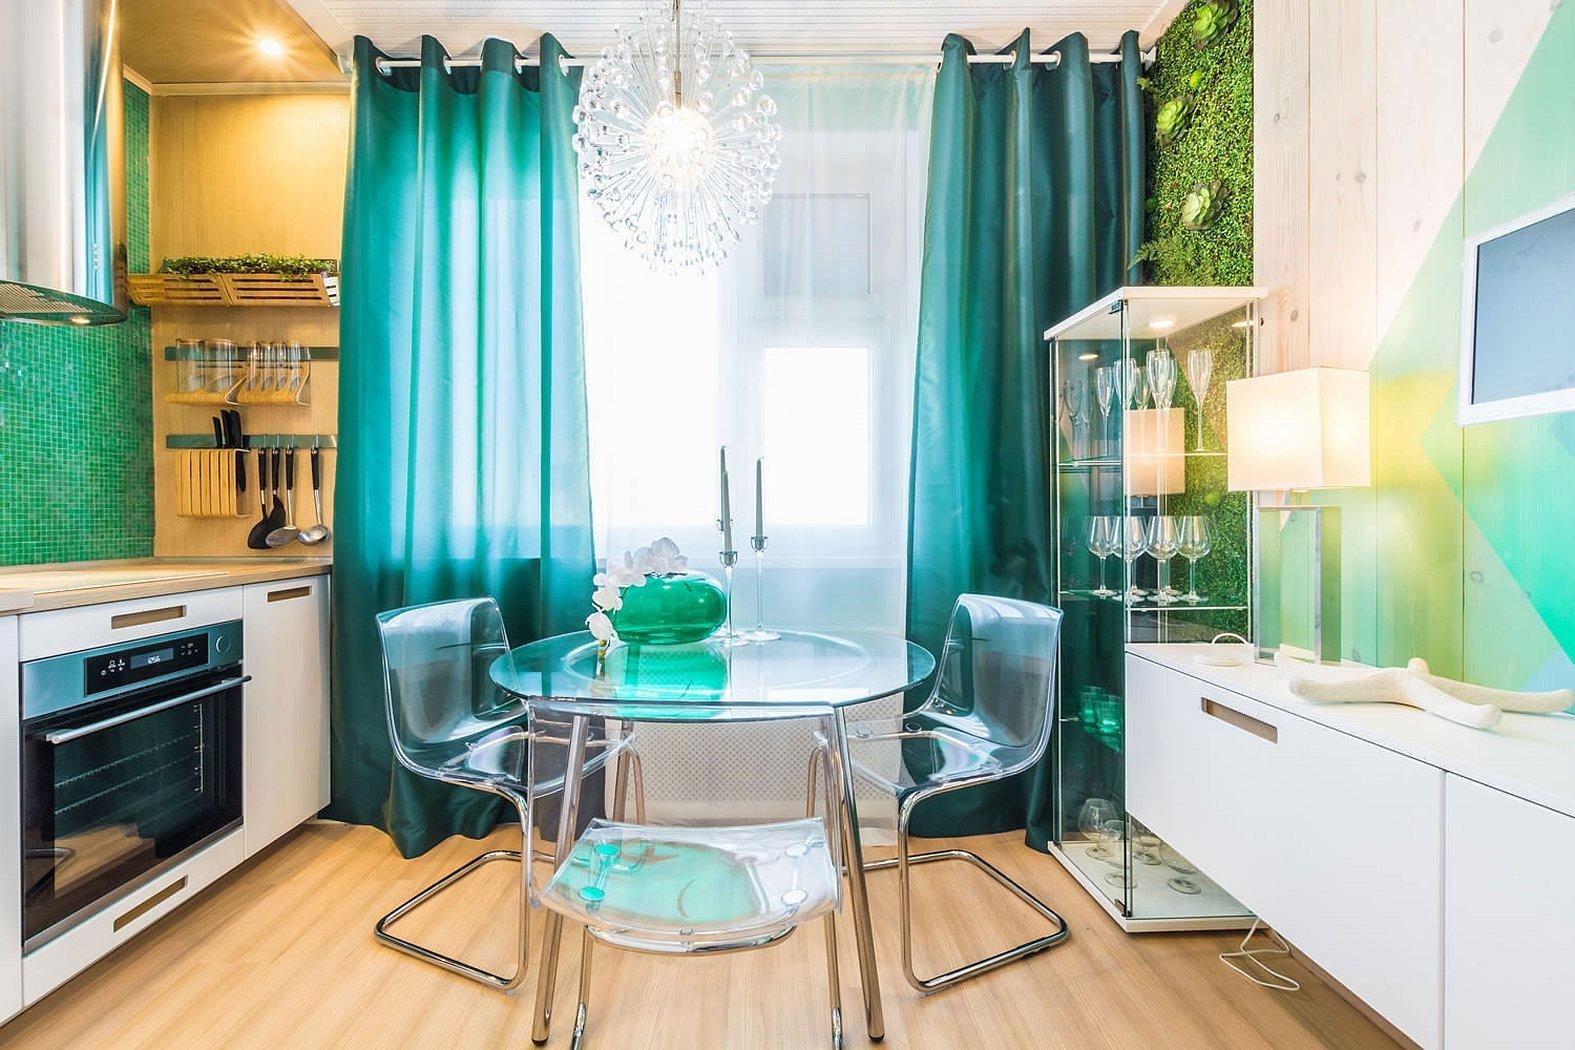 Бирюзовые шторы в интерьере кухни